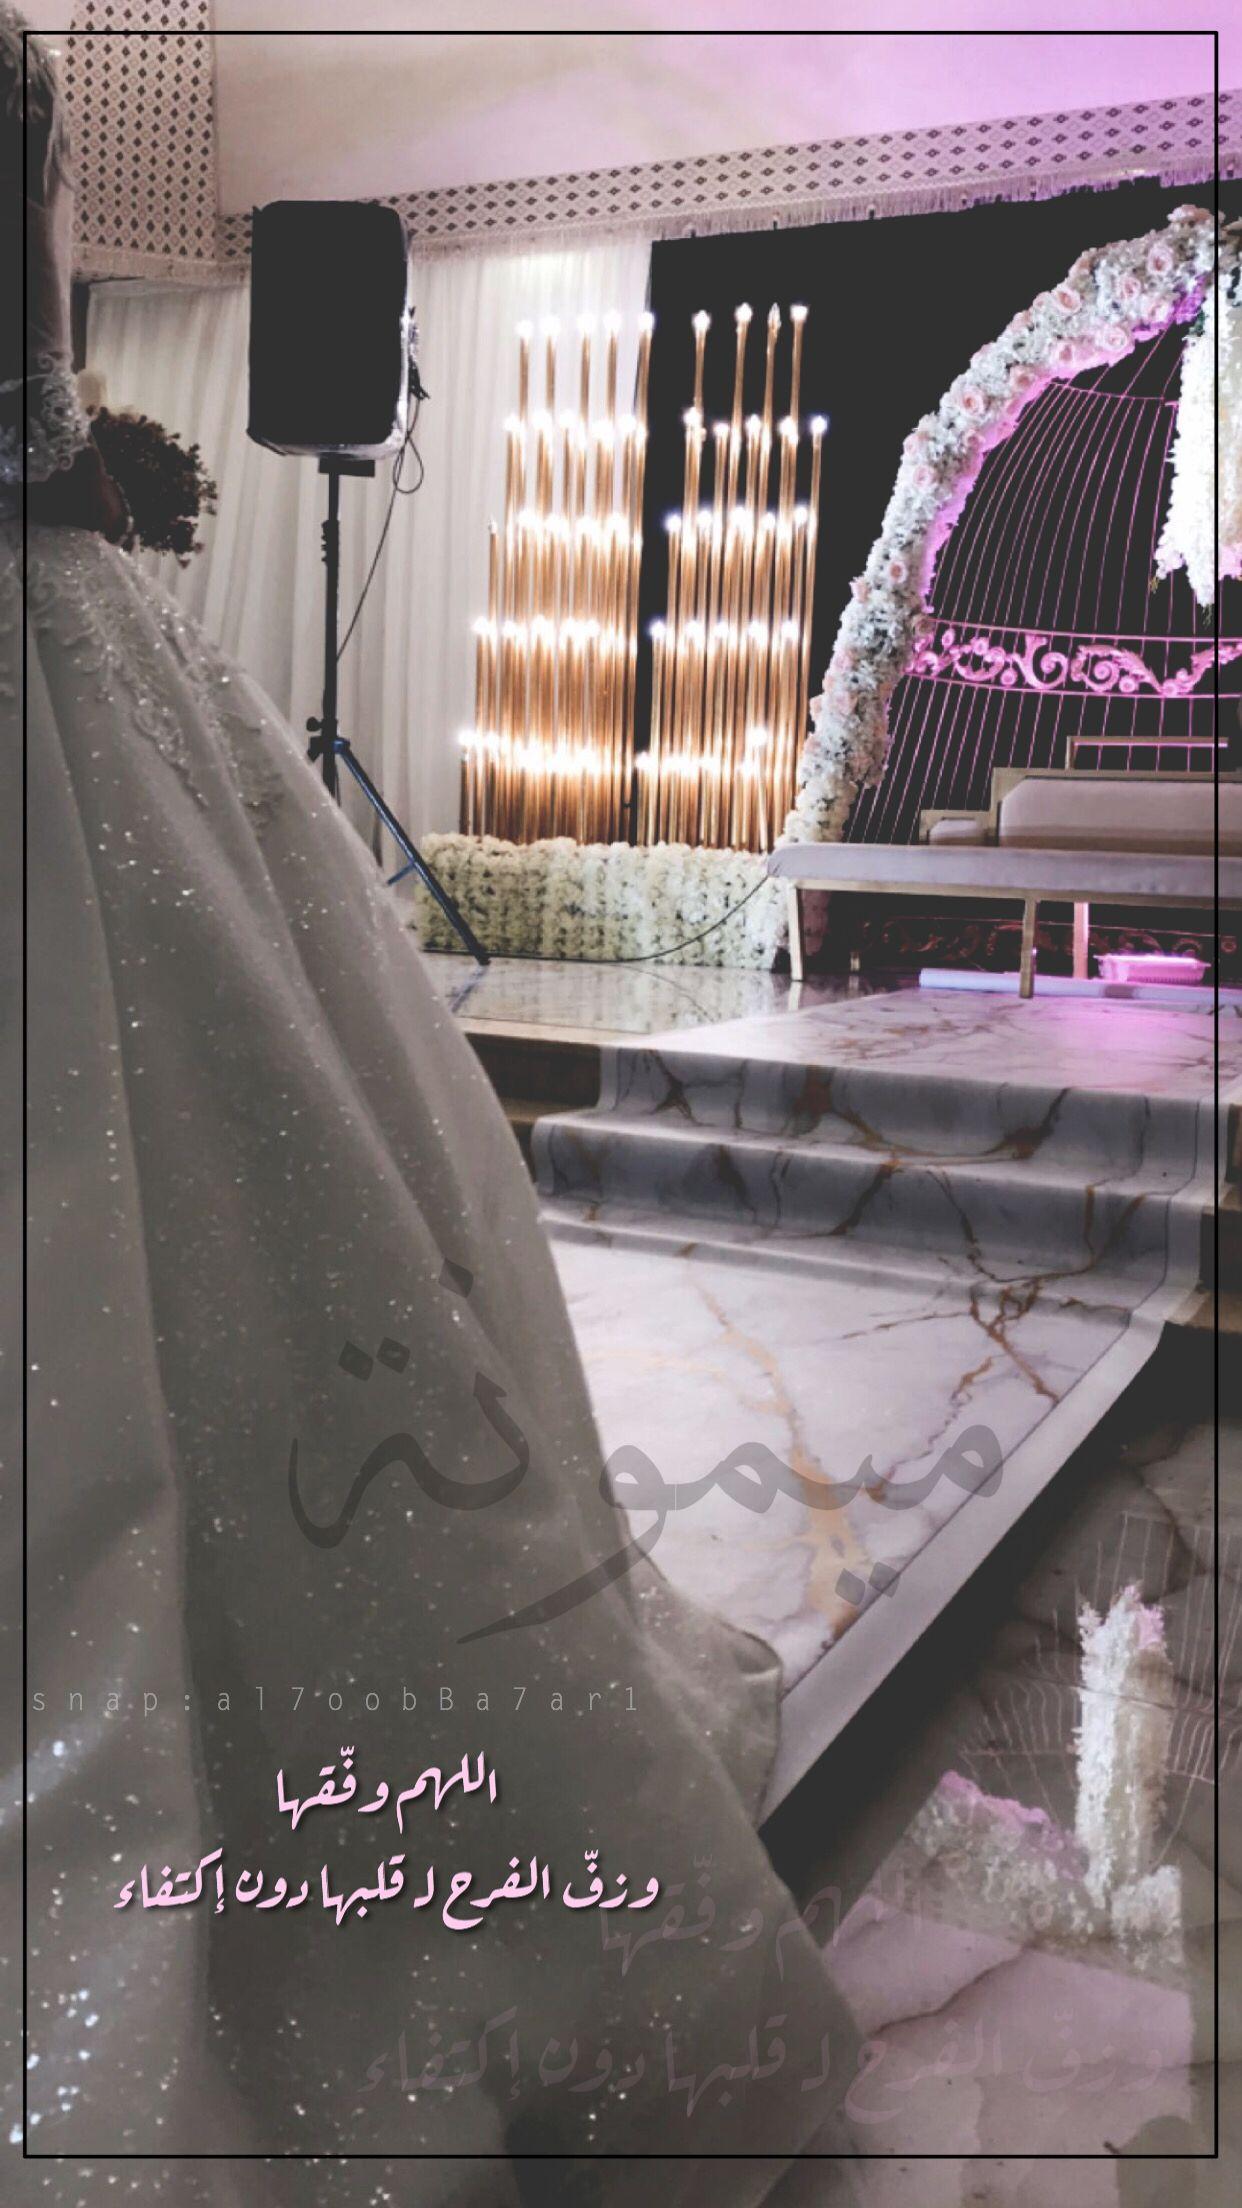 همسة اللهم وف قها و زف الفرح لـ قلبها دون إكتفاء تصويري تصويري سناب تصميمي تصميم دعاء Arab Wedding Arabian Wedding Wedding Dress Silhouette